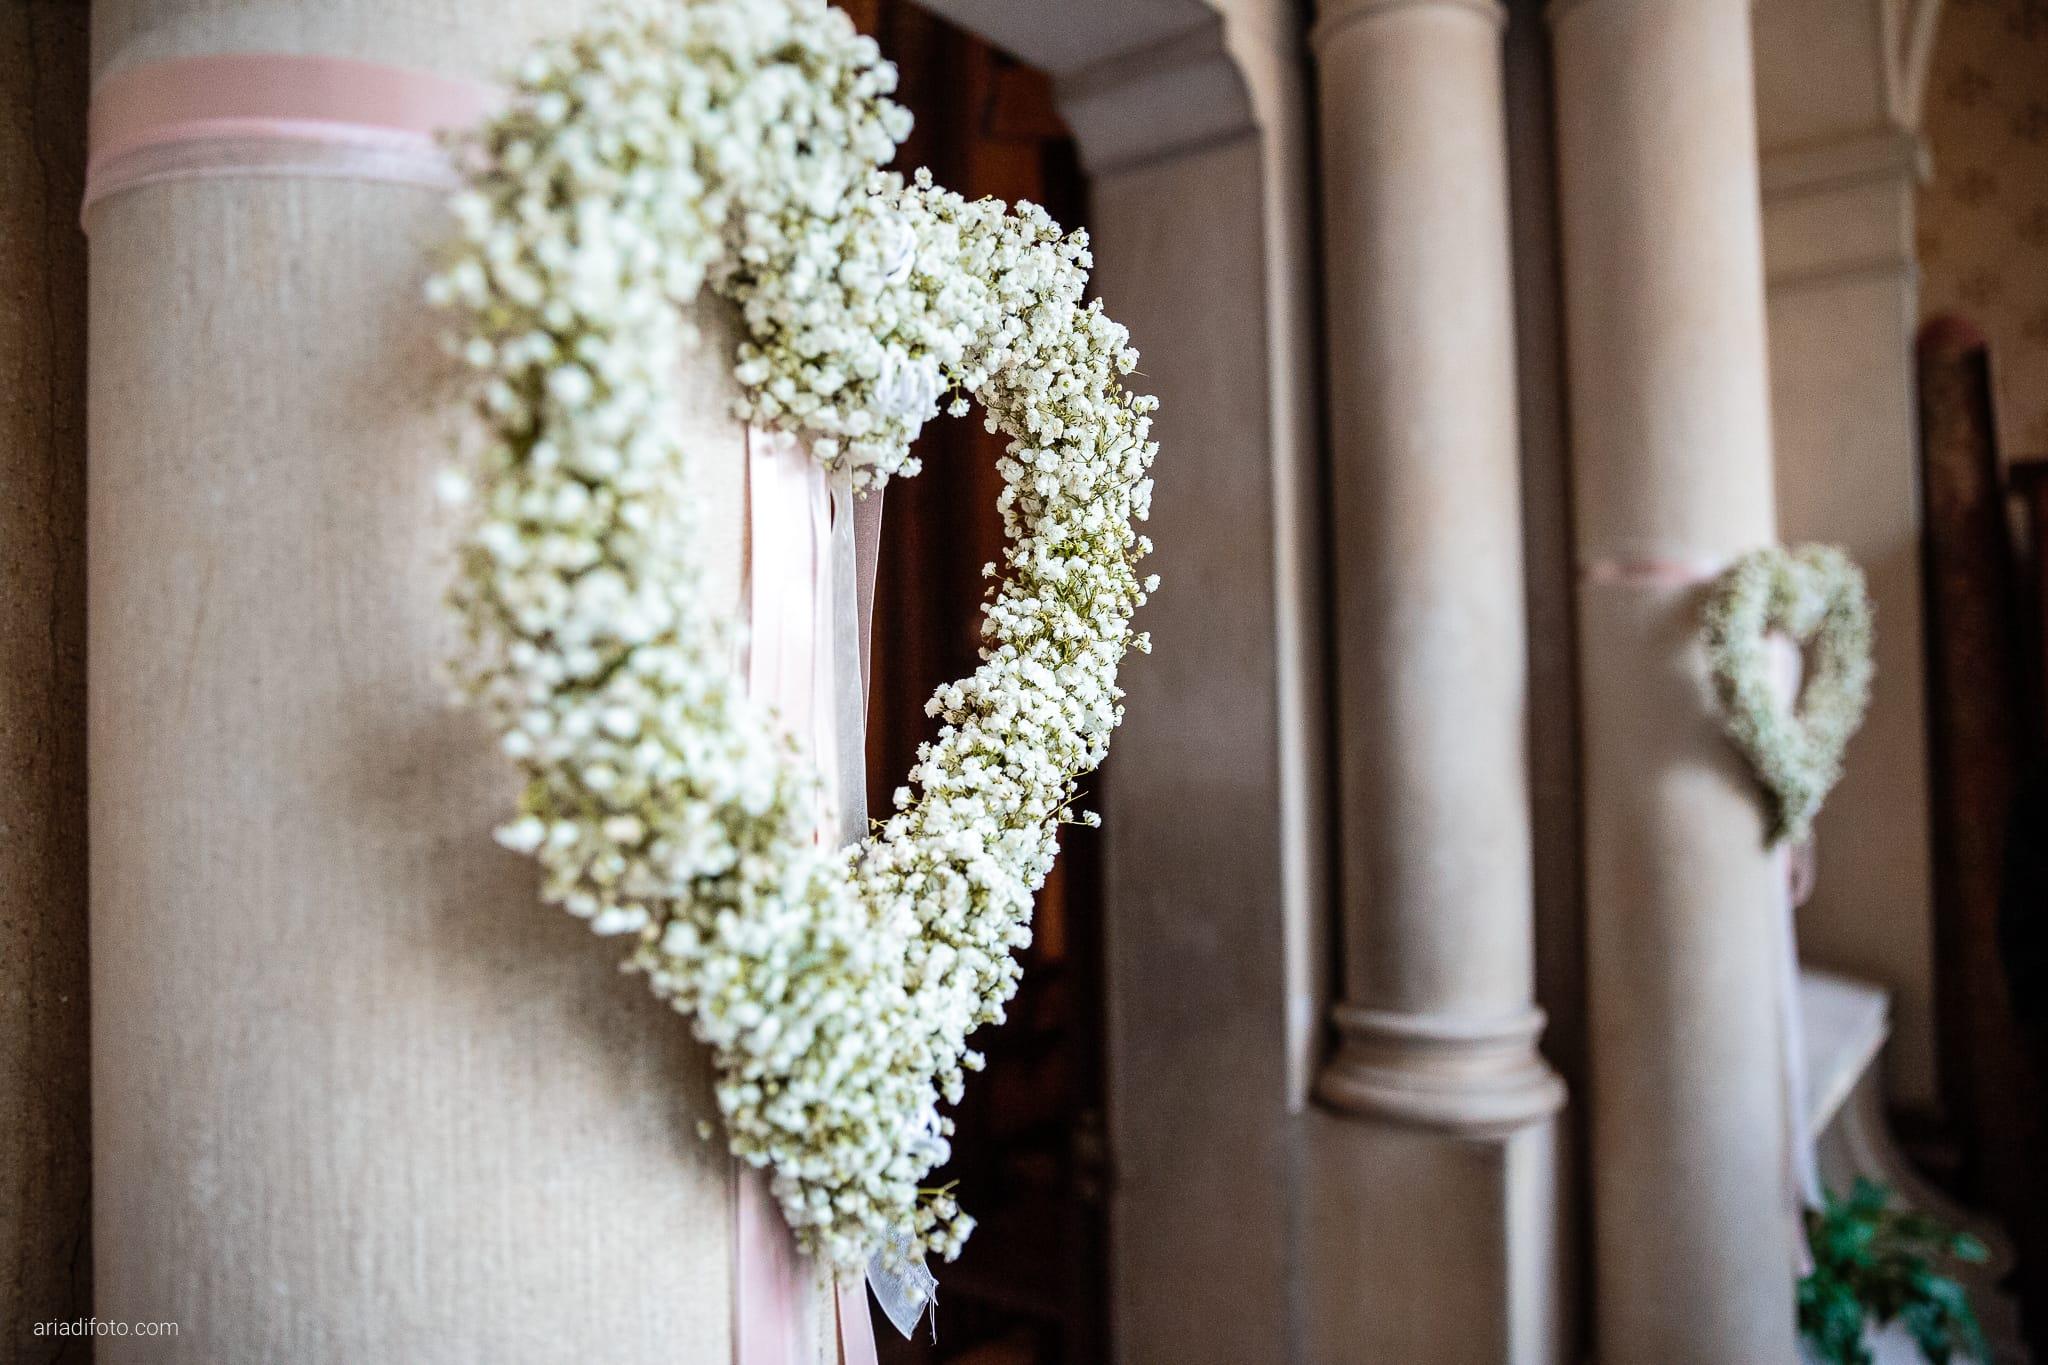 Giorgia Davide Matrimonio Chiesa San Pasquale Villa Revoltella Salvia Rosmarino Trieste cerimonia dettagli fiori gypsophila cuore